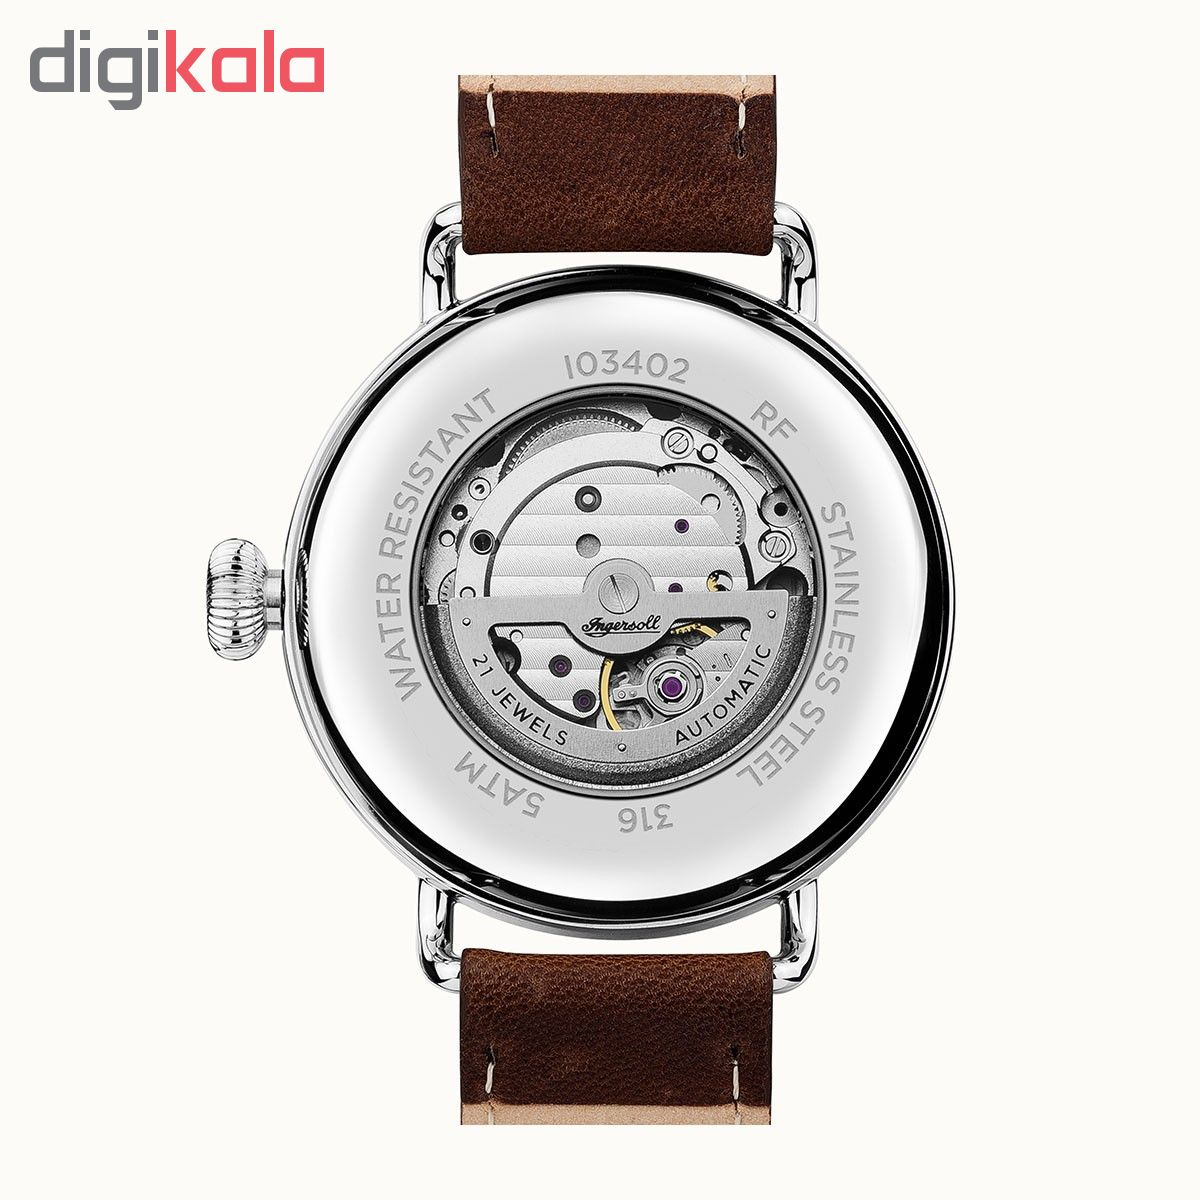 ساعت مچی عقربه ای مردانه اینگرسل مدل I03402